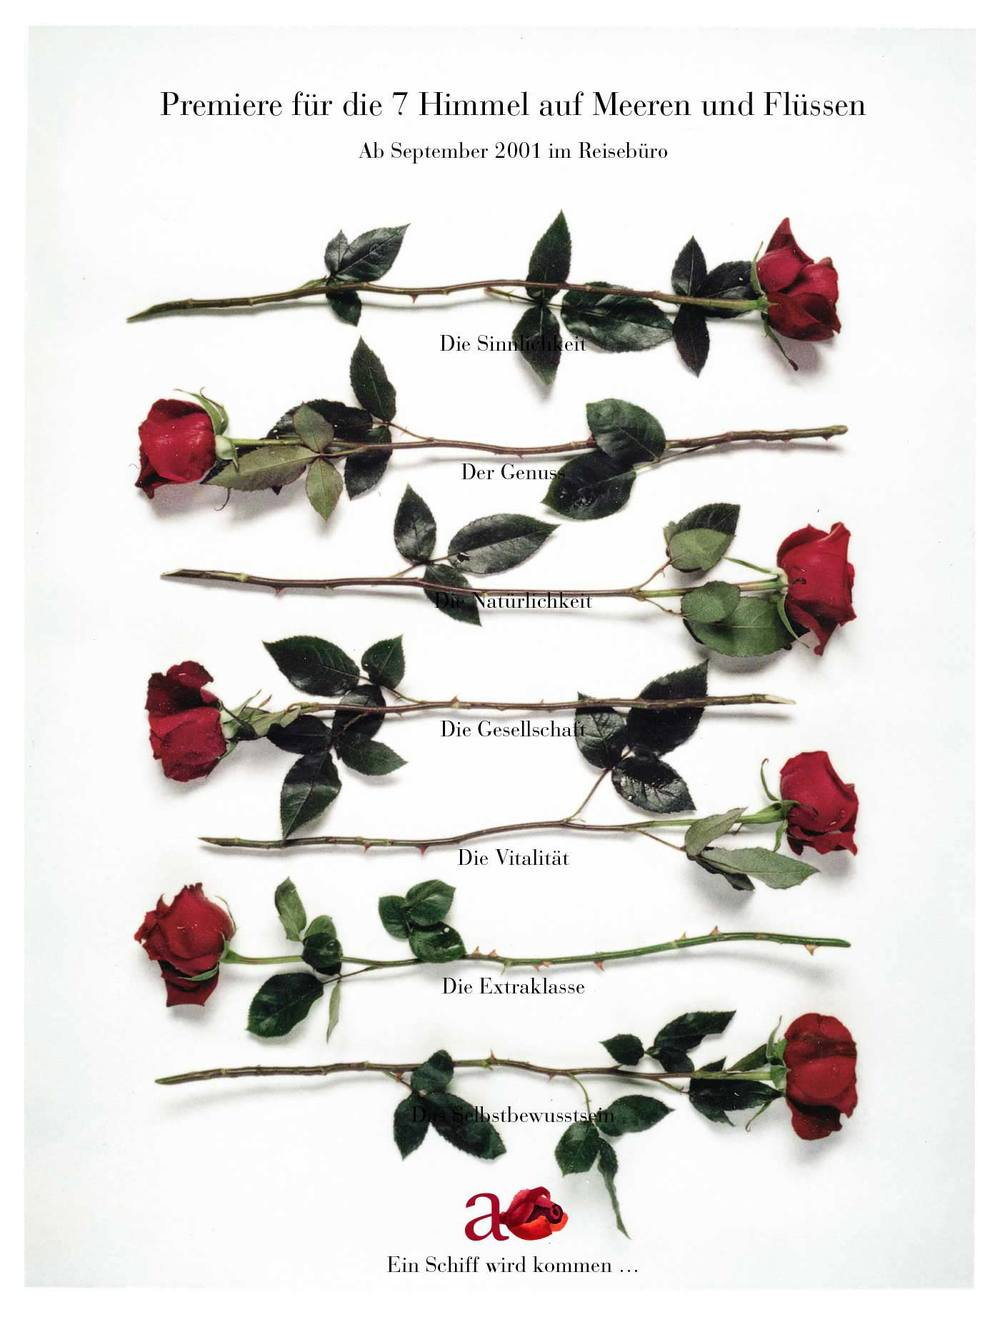 arosa-premiere-einschiffwirdkommen-poster-rosenplakat-7himmelaufmeeren-1.jpg